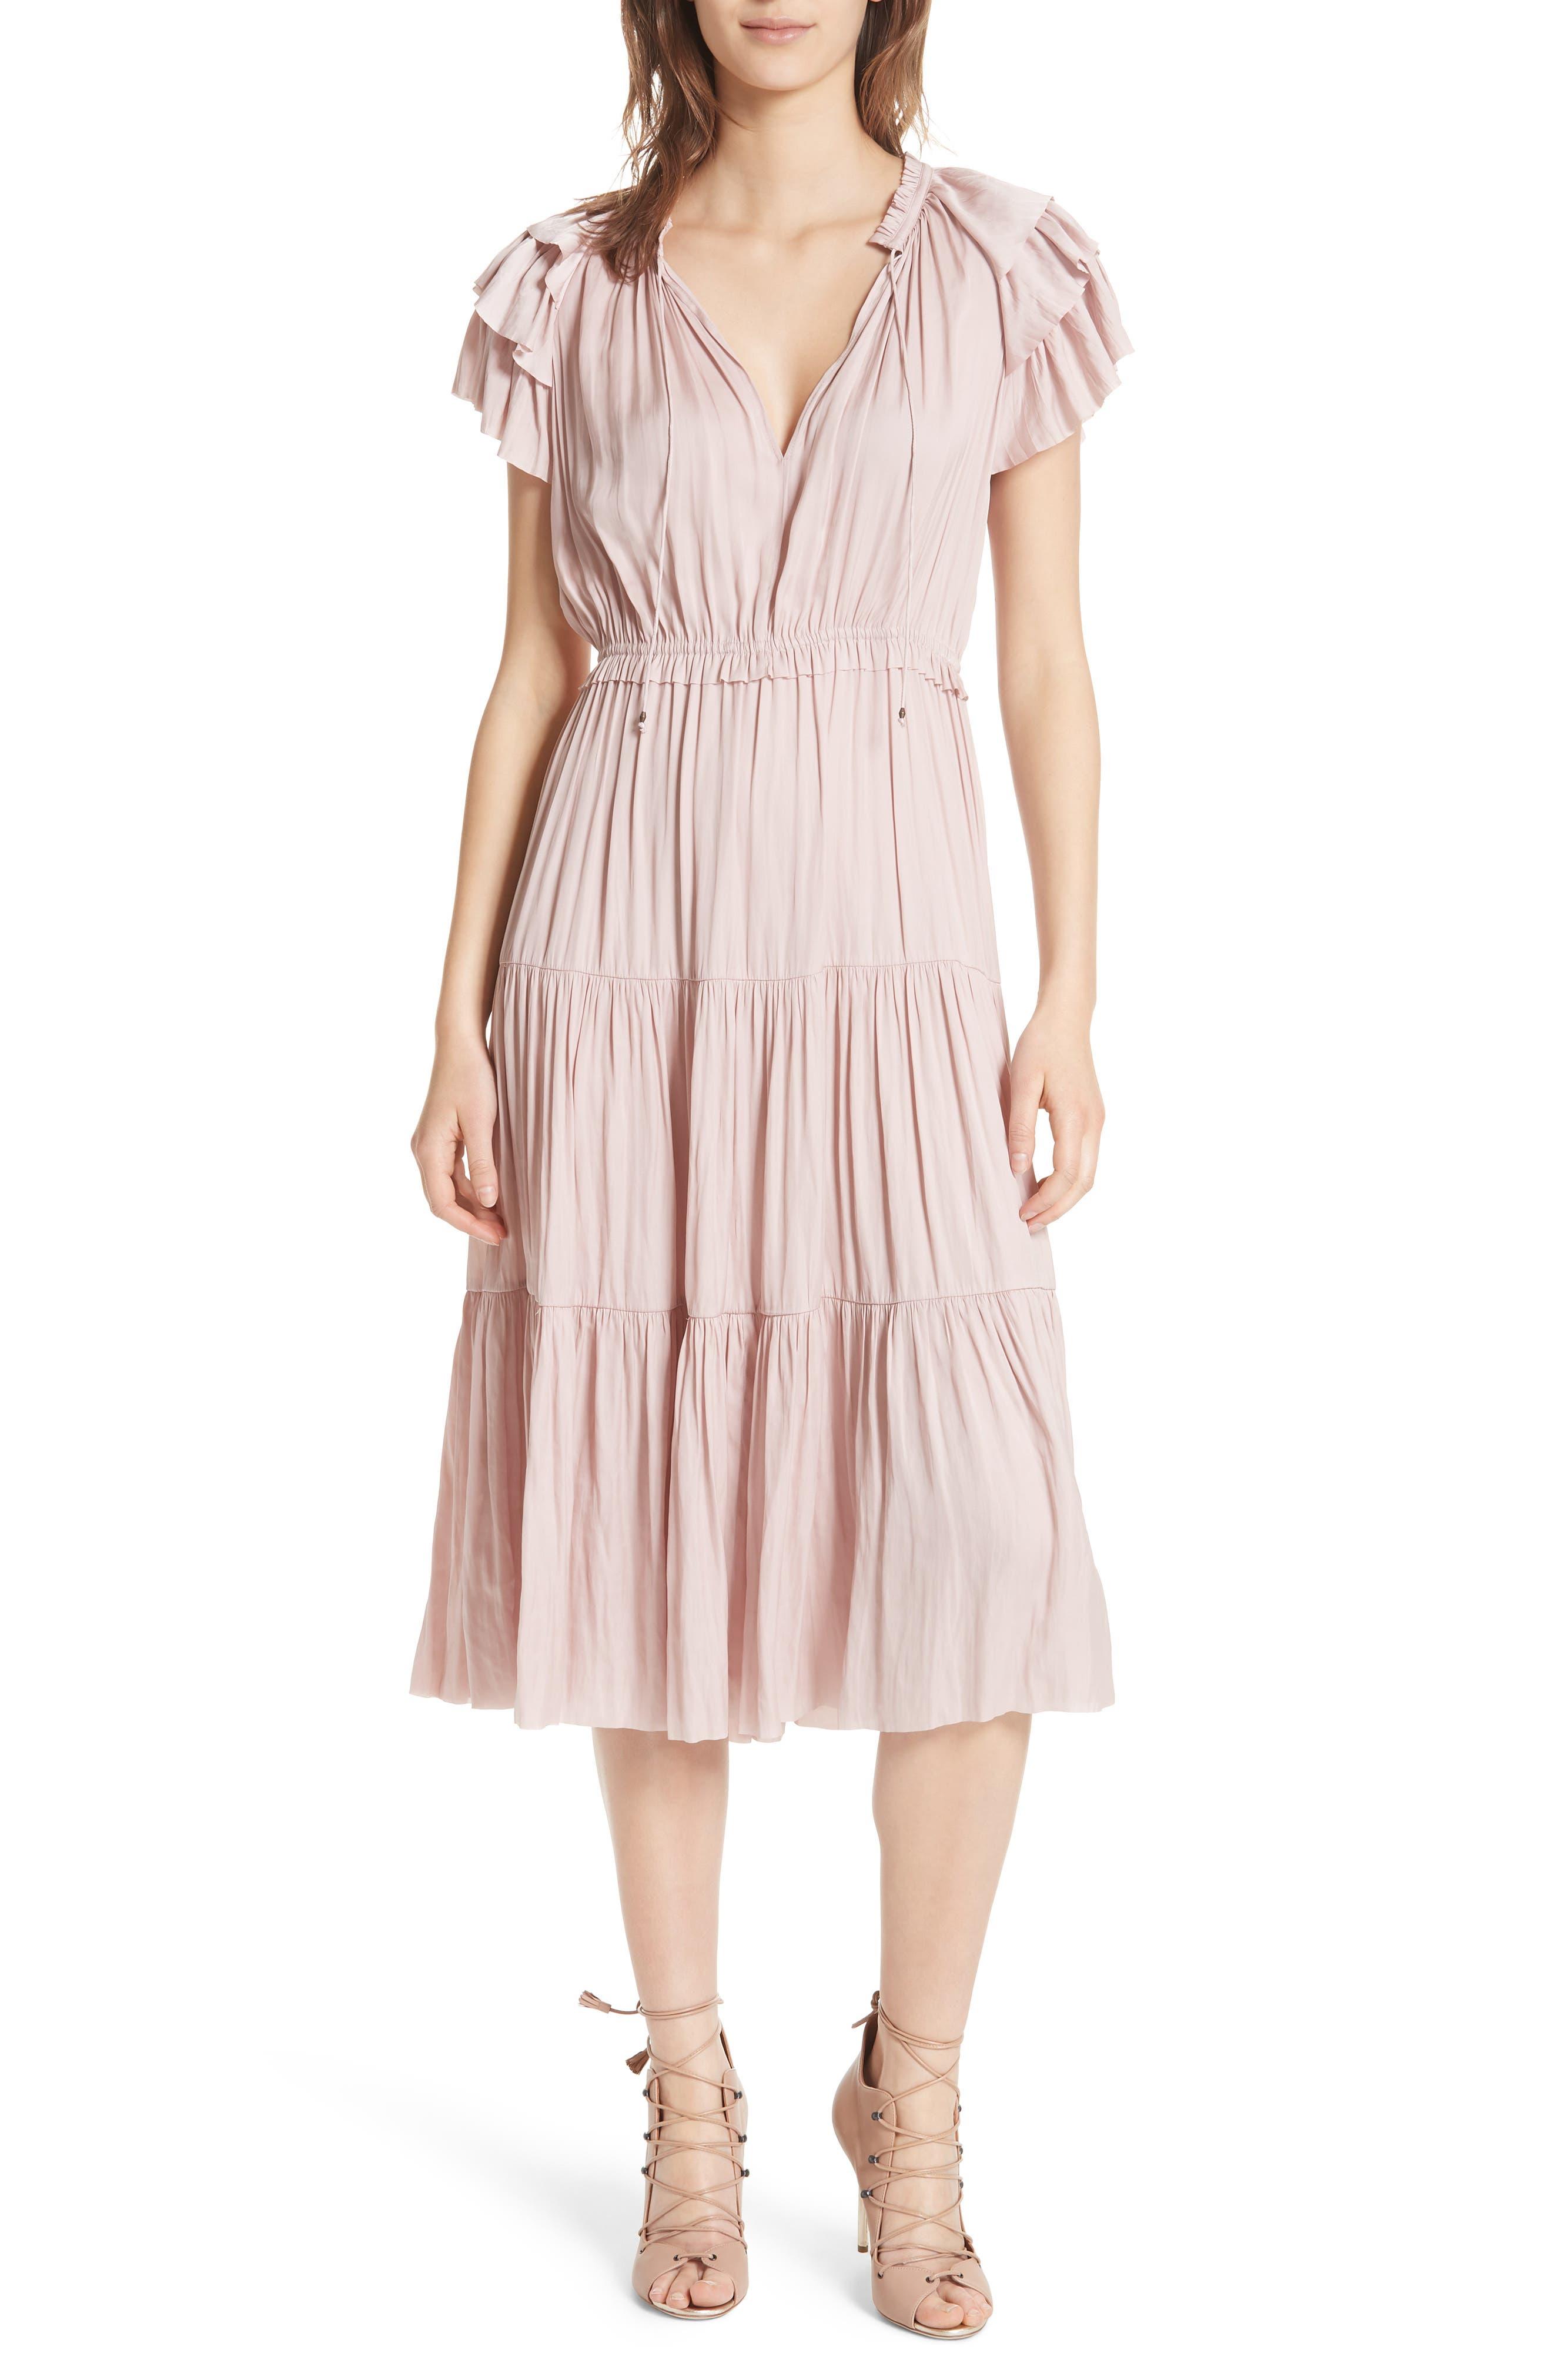 Blaire Satin Dress,                         Main,                         color, 600